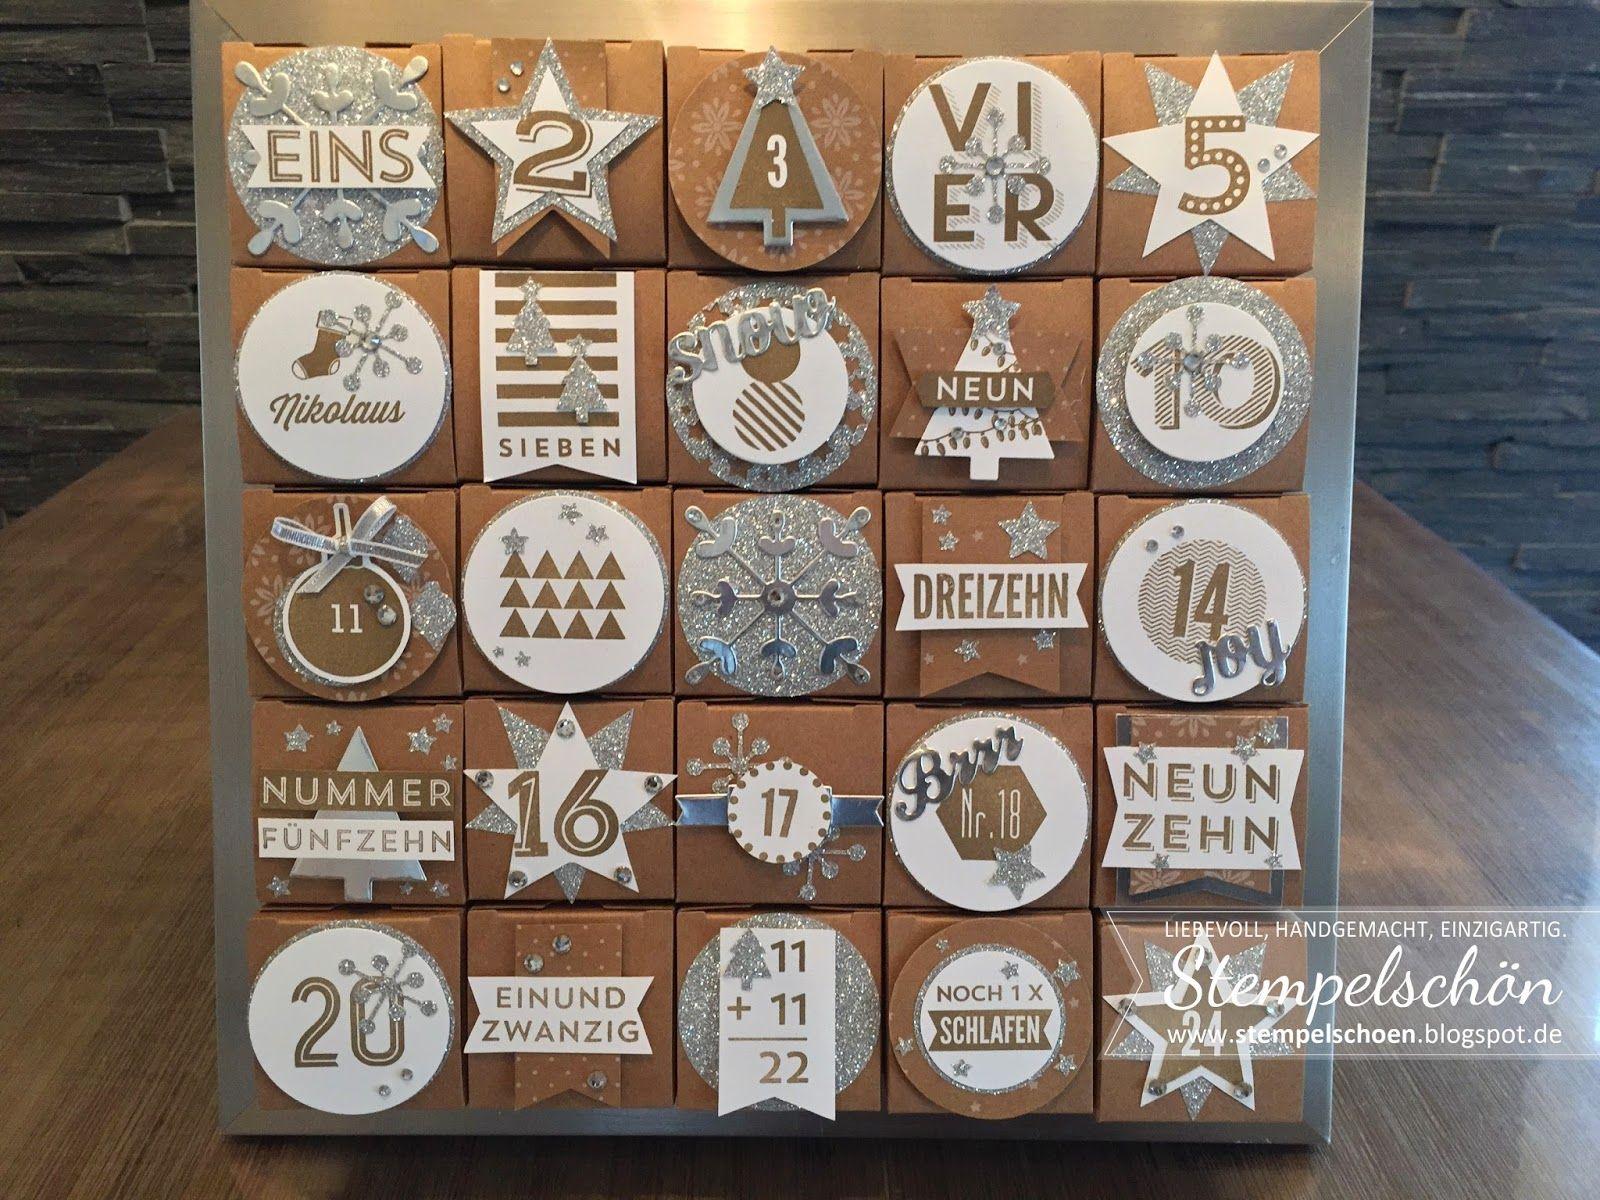 stempelsch n stampin up adventskalender 24 t rchen stampin up adventskalender pinterest. Black Bedroom Furniture Sets. Home Design Ideas